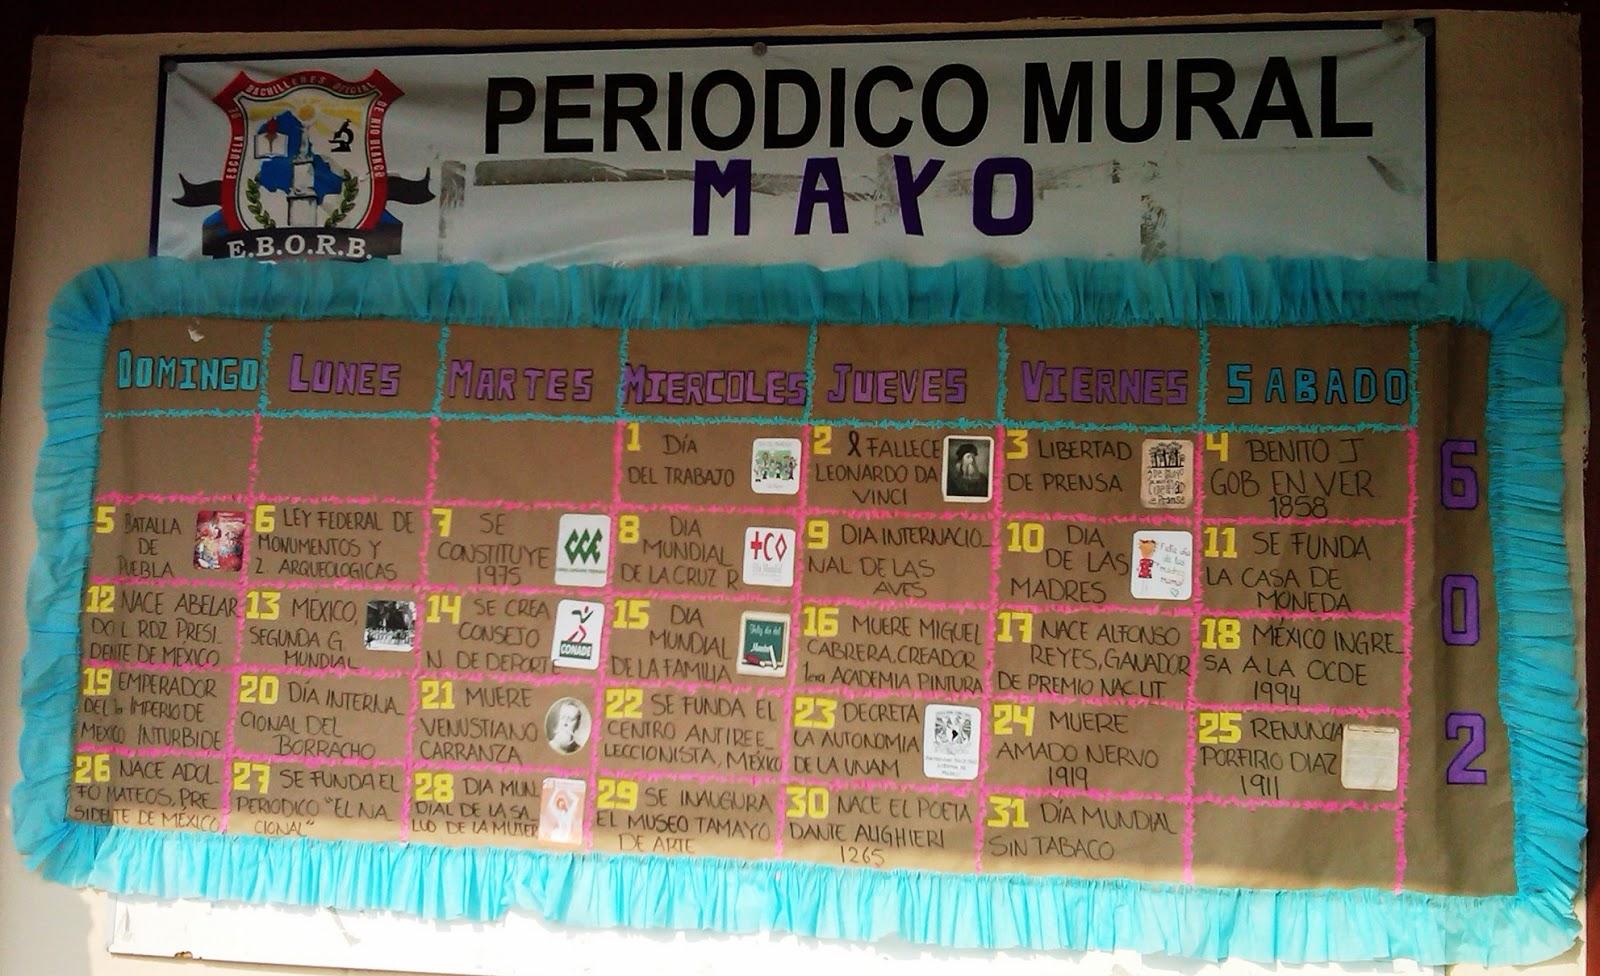 Peri dico mural mayo mes de las madres 23 imagenes for El periodico mural